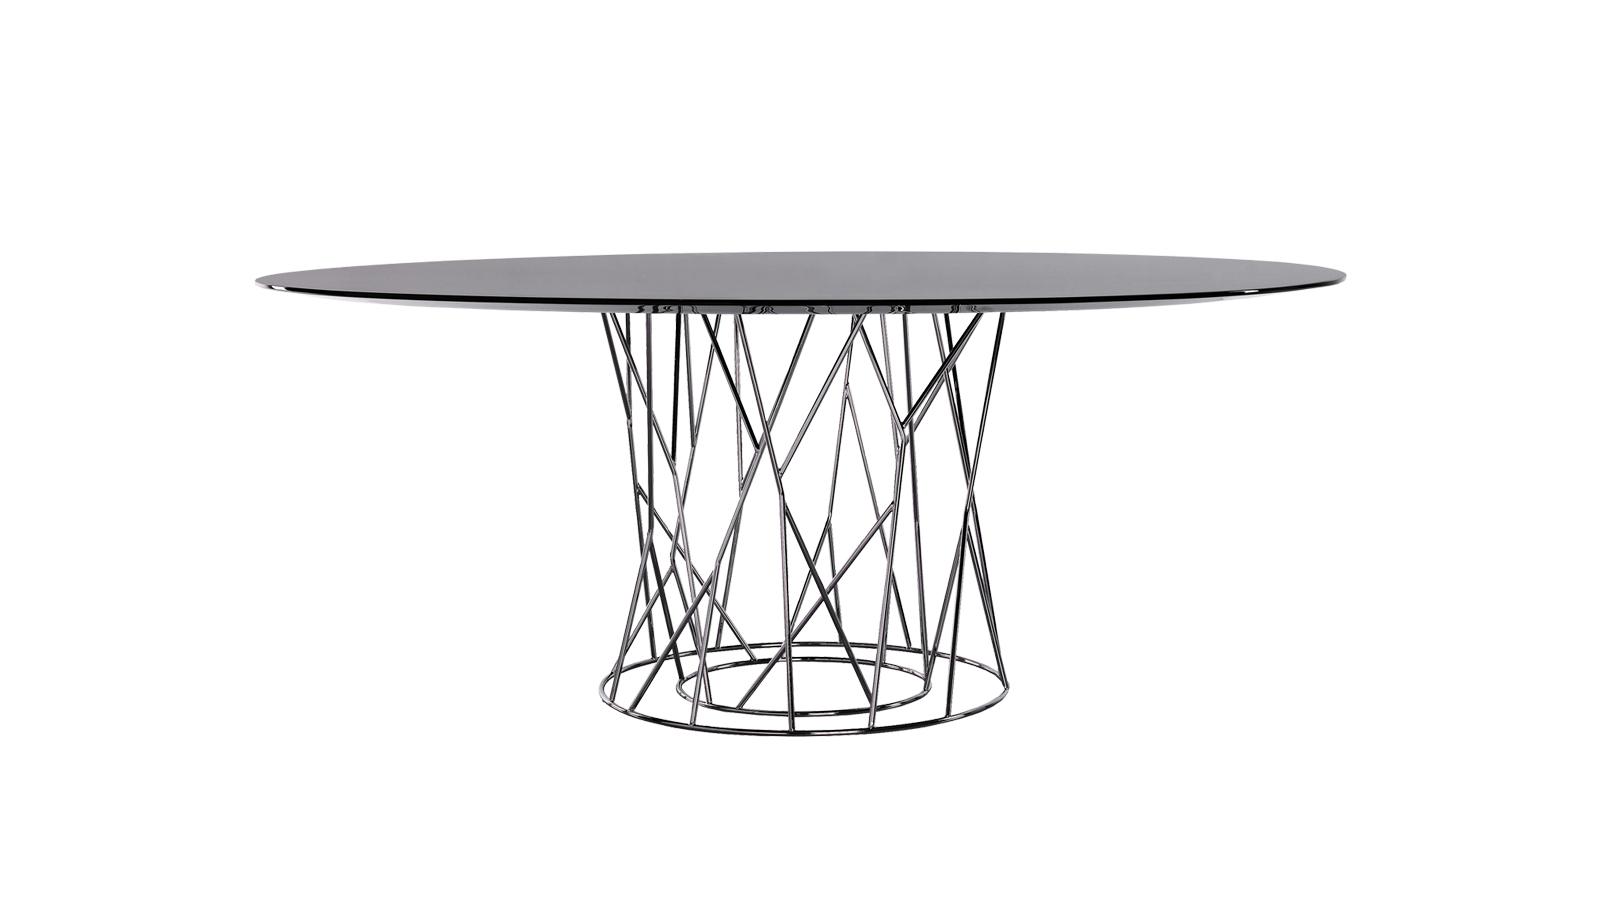 Jean-Marie Massaud alkotása több különlegességet is tartogat a design iránt érdeklődőknek. A két lábú változat rendkívül vékony asztallapja valójában egy ellipszis, melynek végei levágásra kerültek, így hozva létre egy különösen izgalmas formát. Az asztal lábazata pedig egyszerű rúdvasból készült, mely egyszerre masszív támaszték és légies szerkezet – az egy- és kétlábas változatok esetében is.